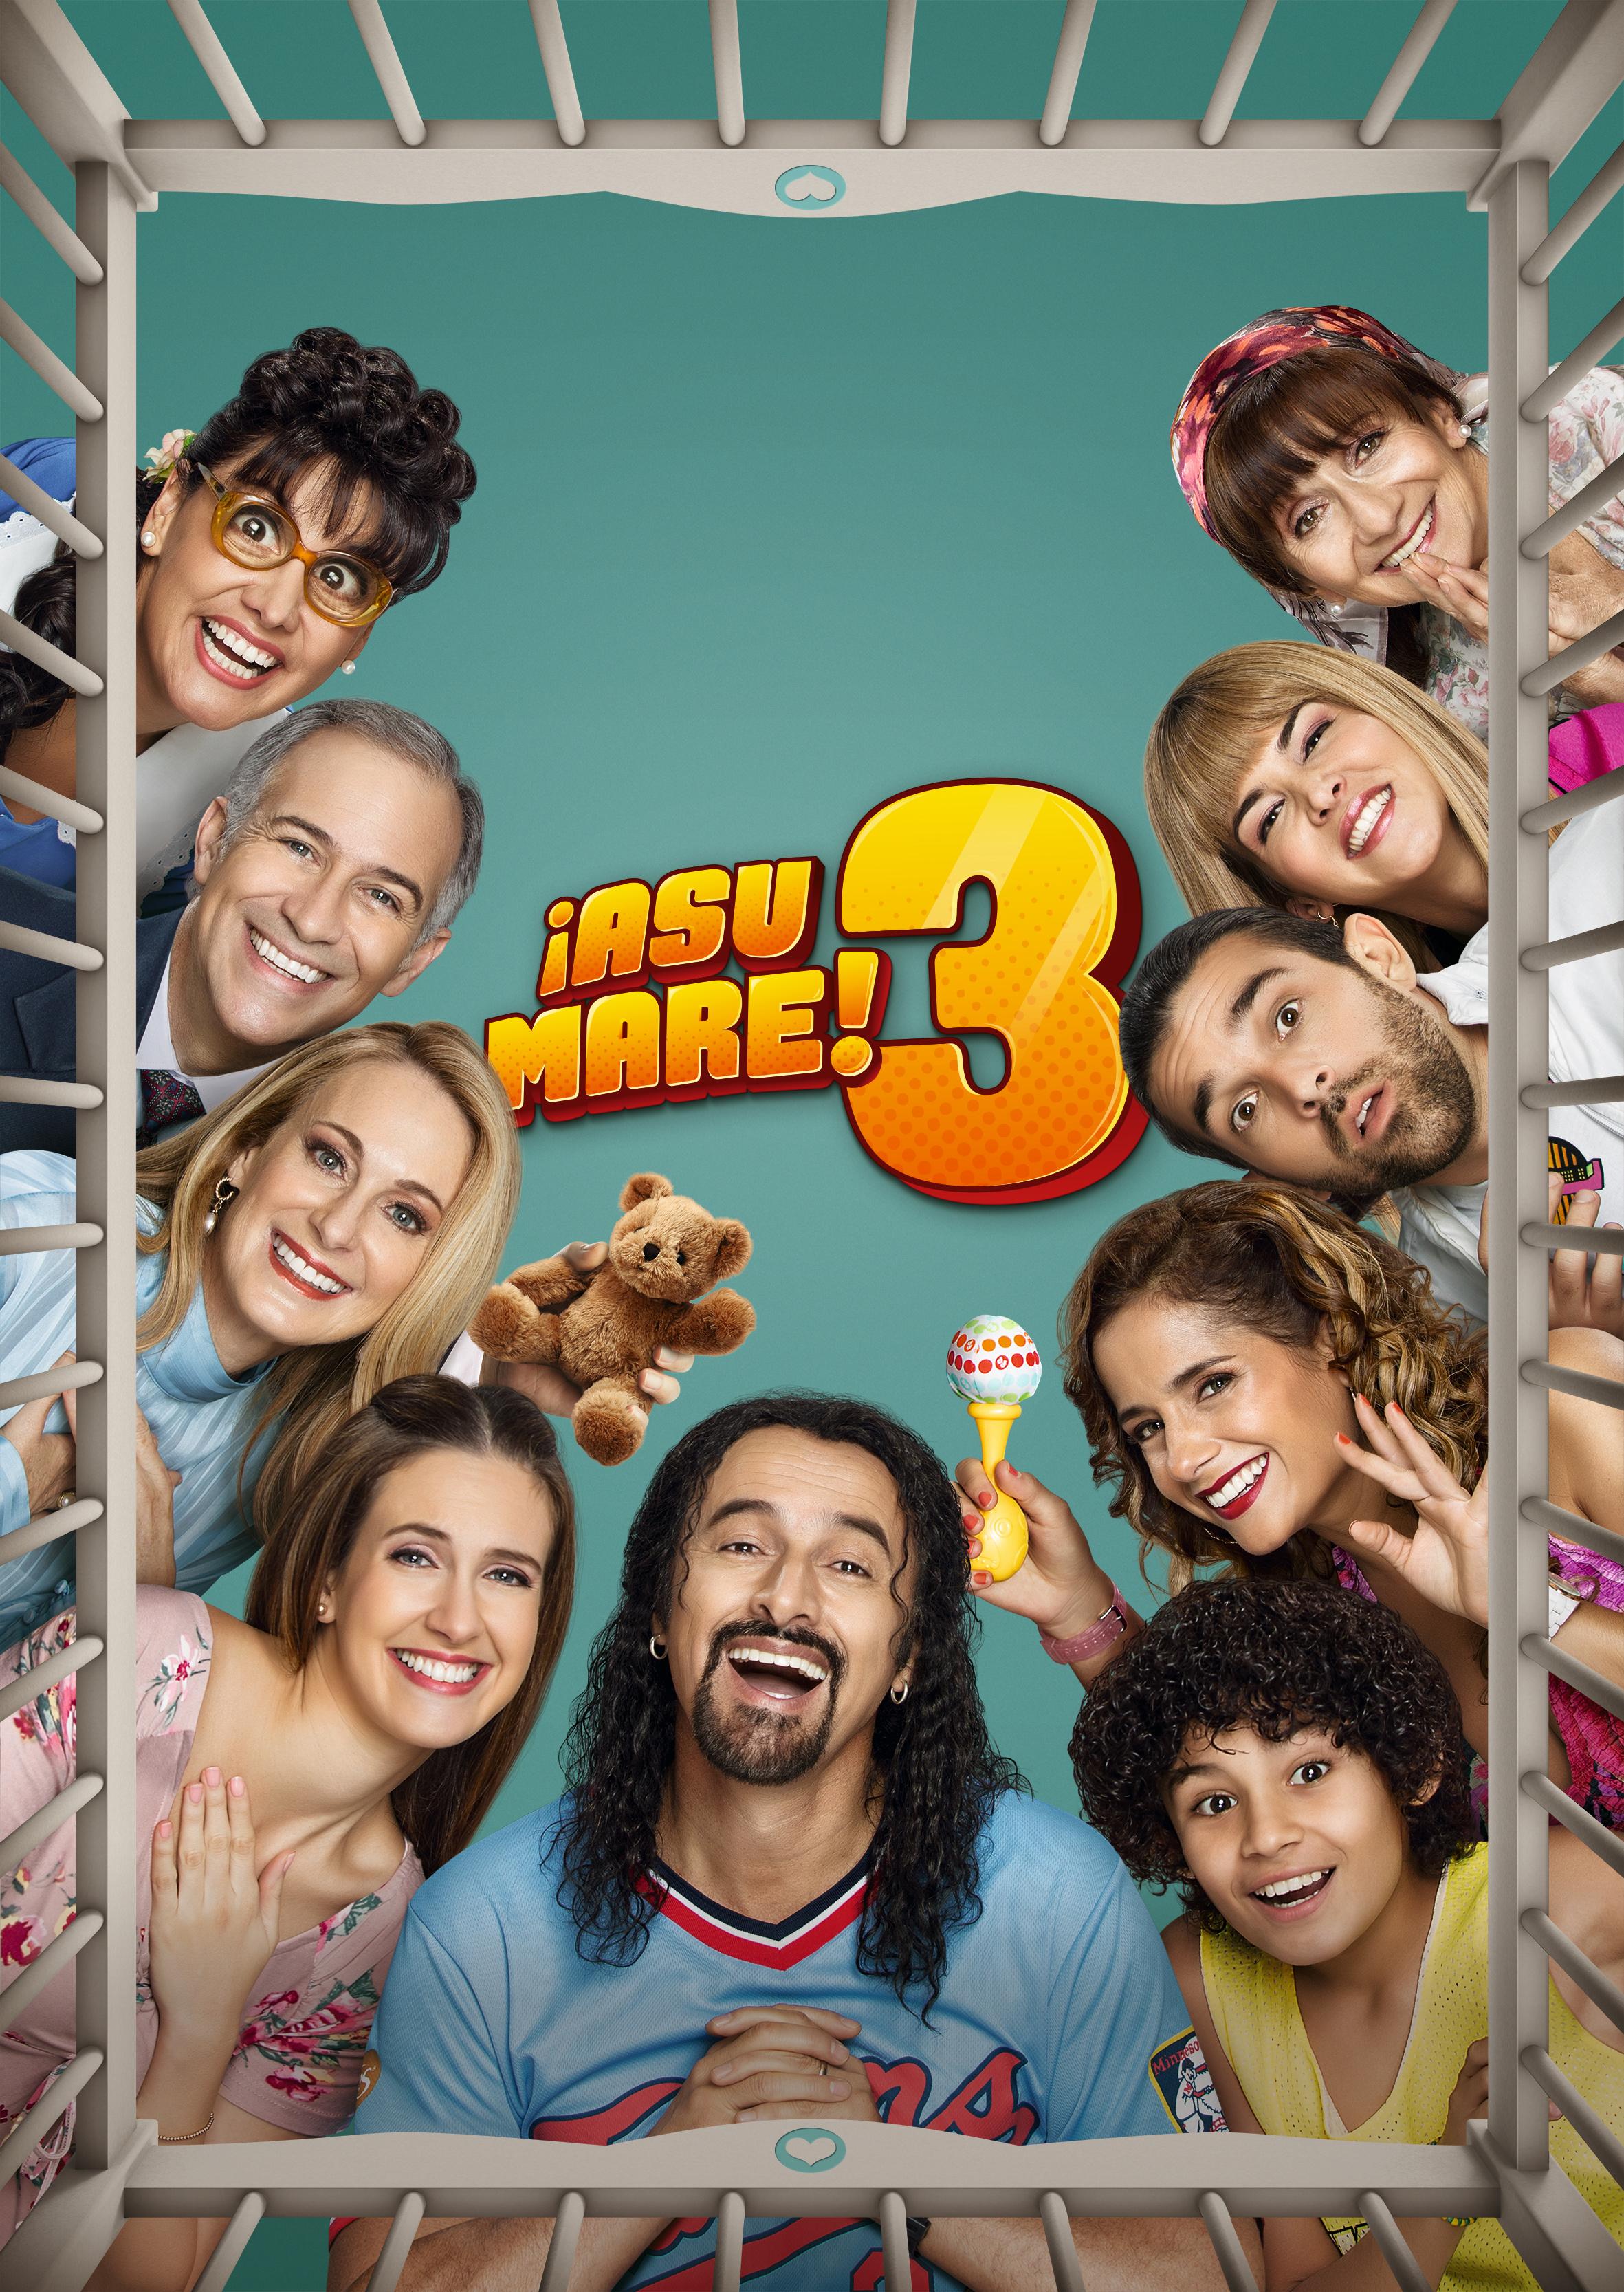 ASU MARE 3 - COMEDY